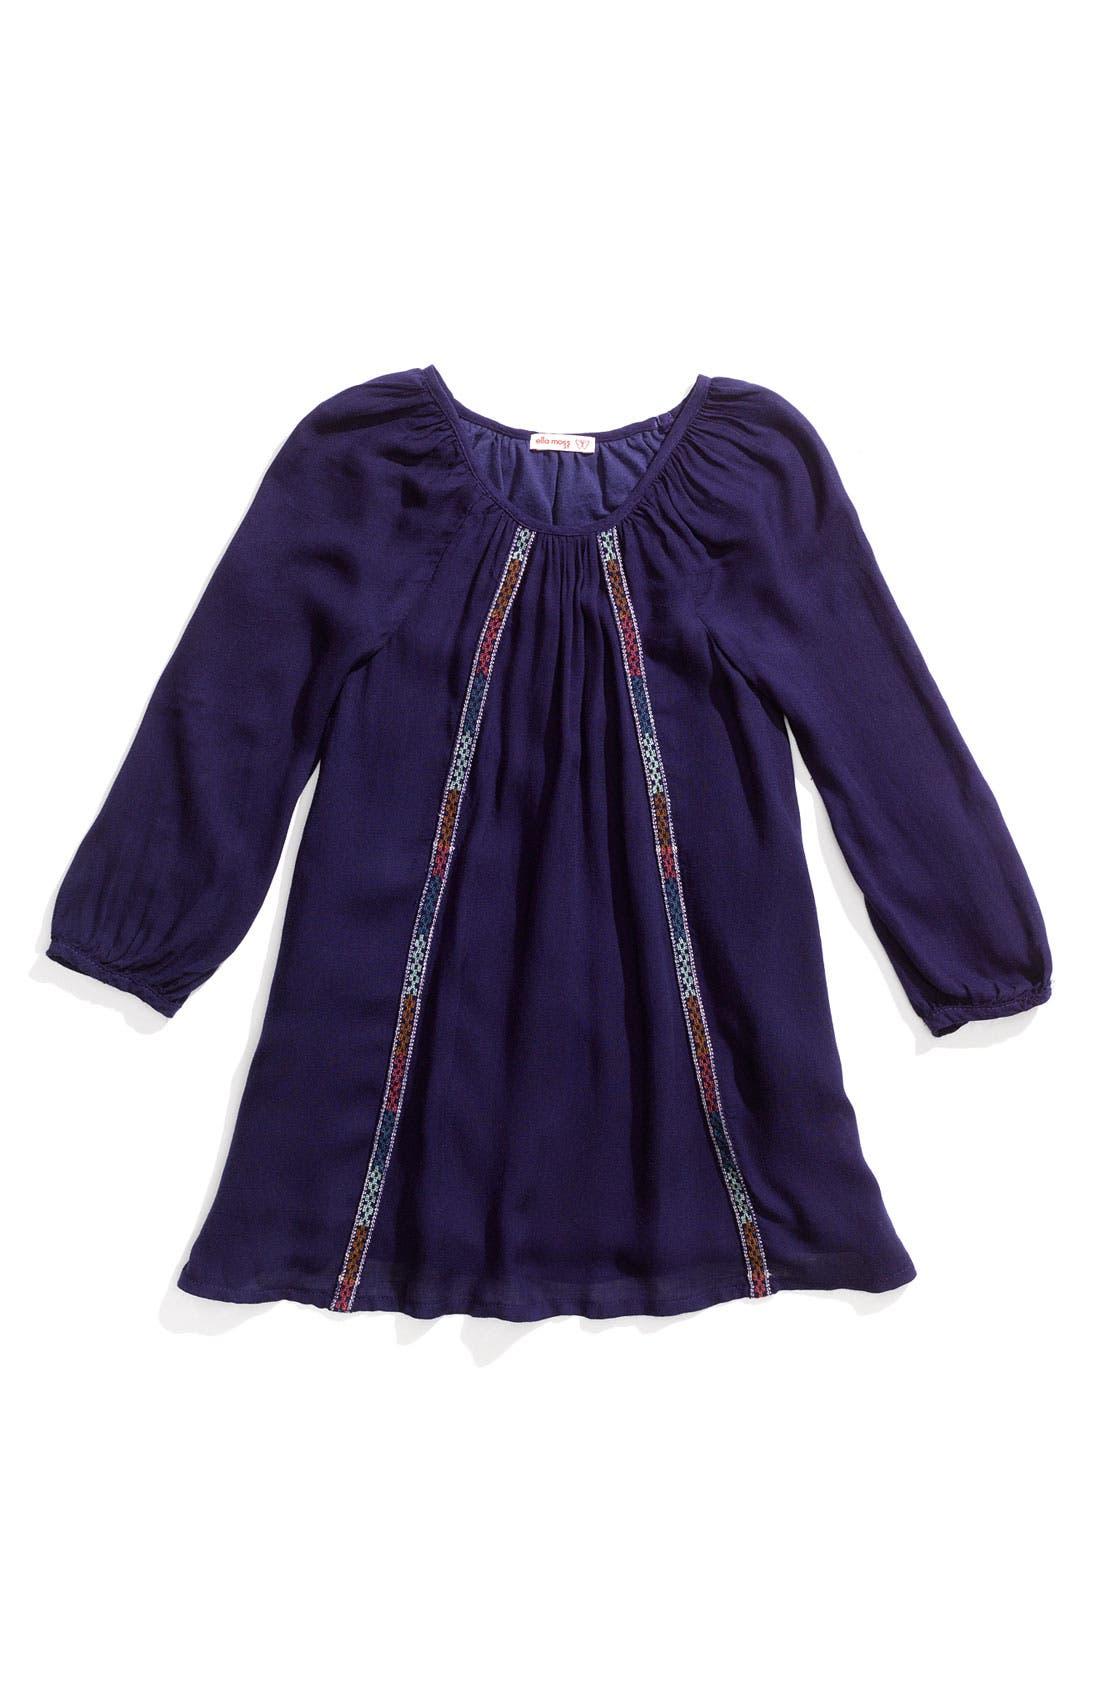 Alternate Image 1 Selected - Little Ella 'Surrey' Dress (Toddler)